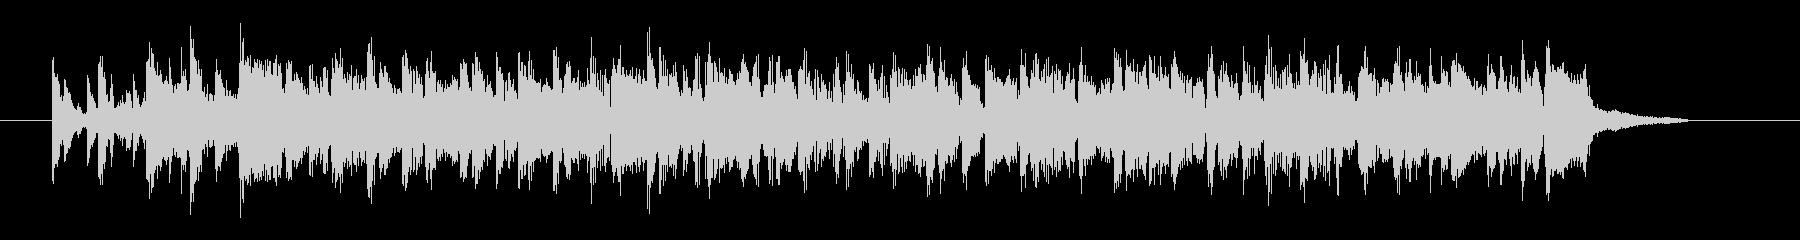 軽やかなサンバ調のシンセ曲の未再生の波形